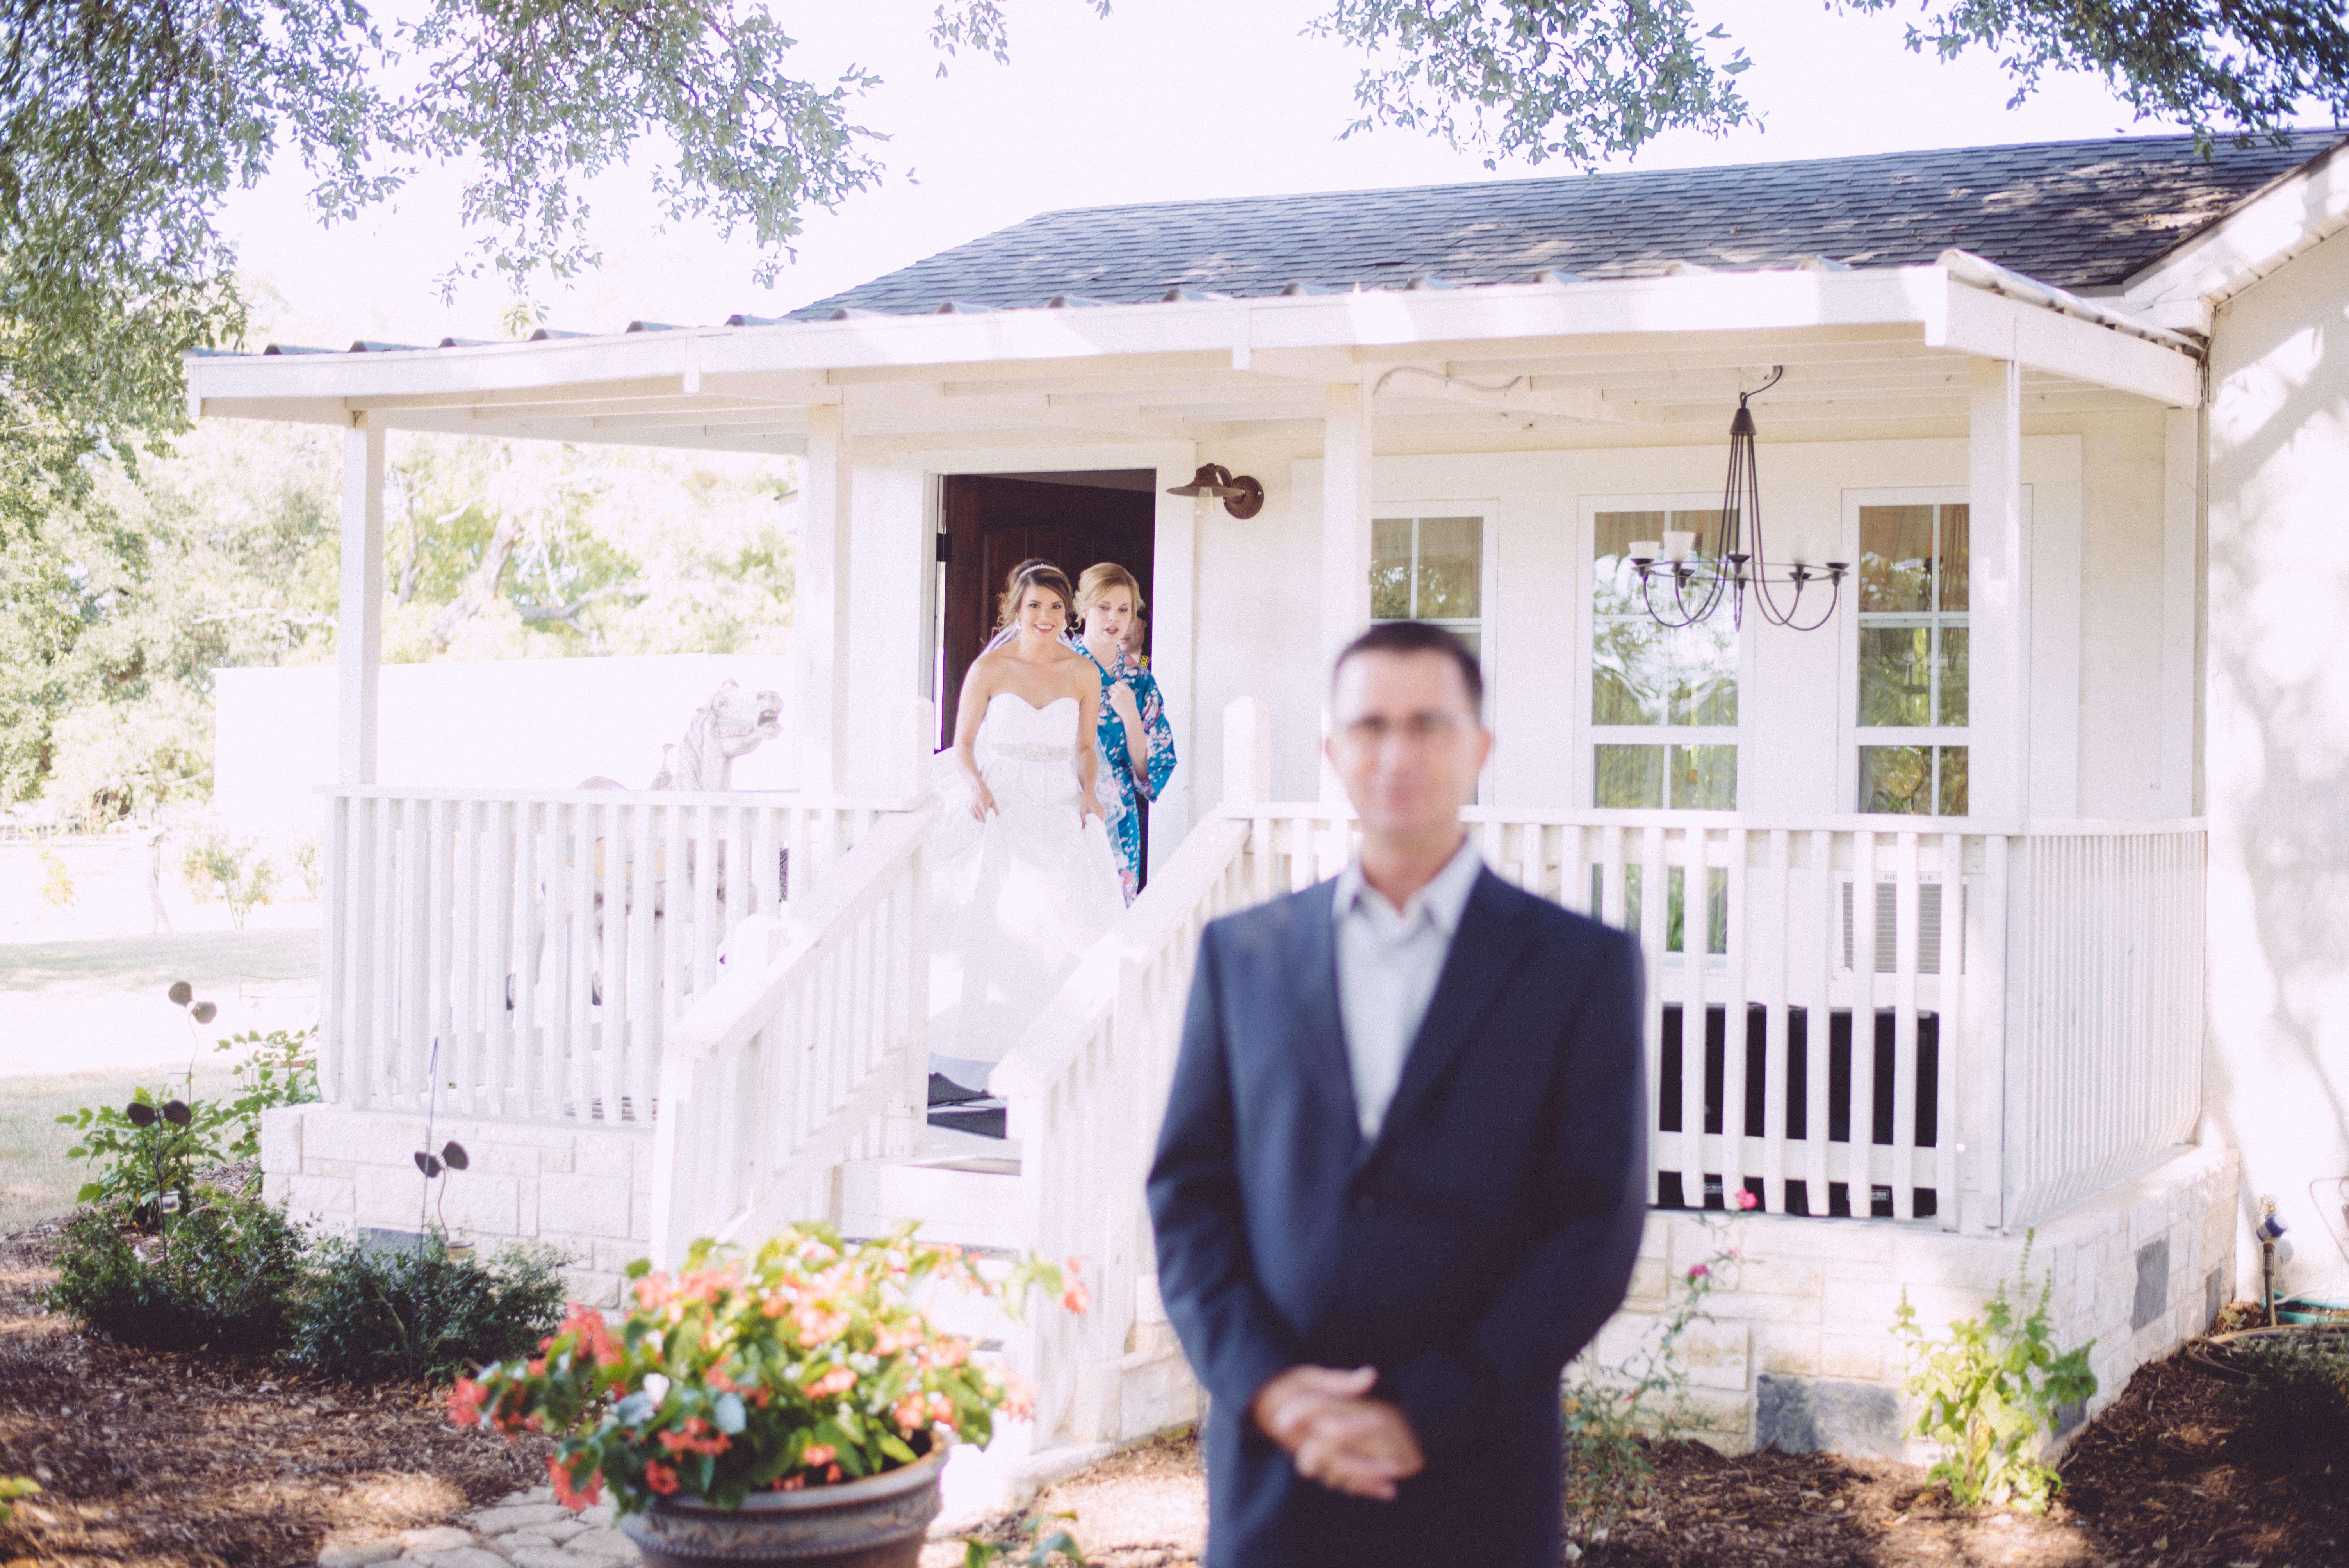 acwedding-23900239acwedding